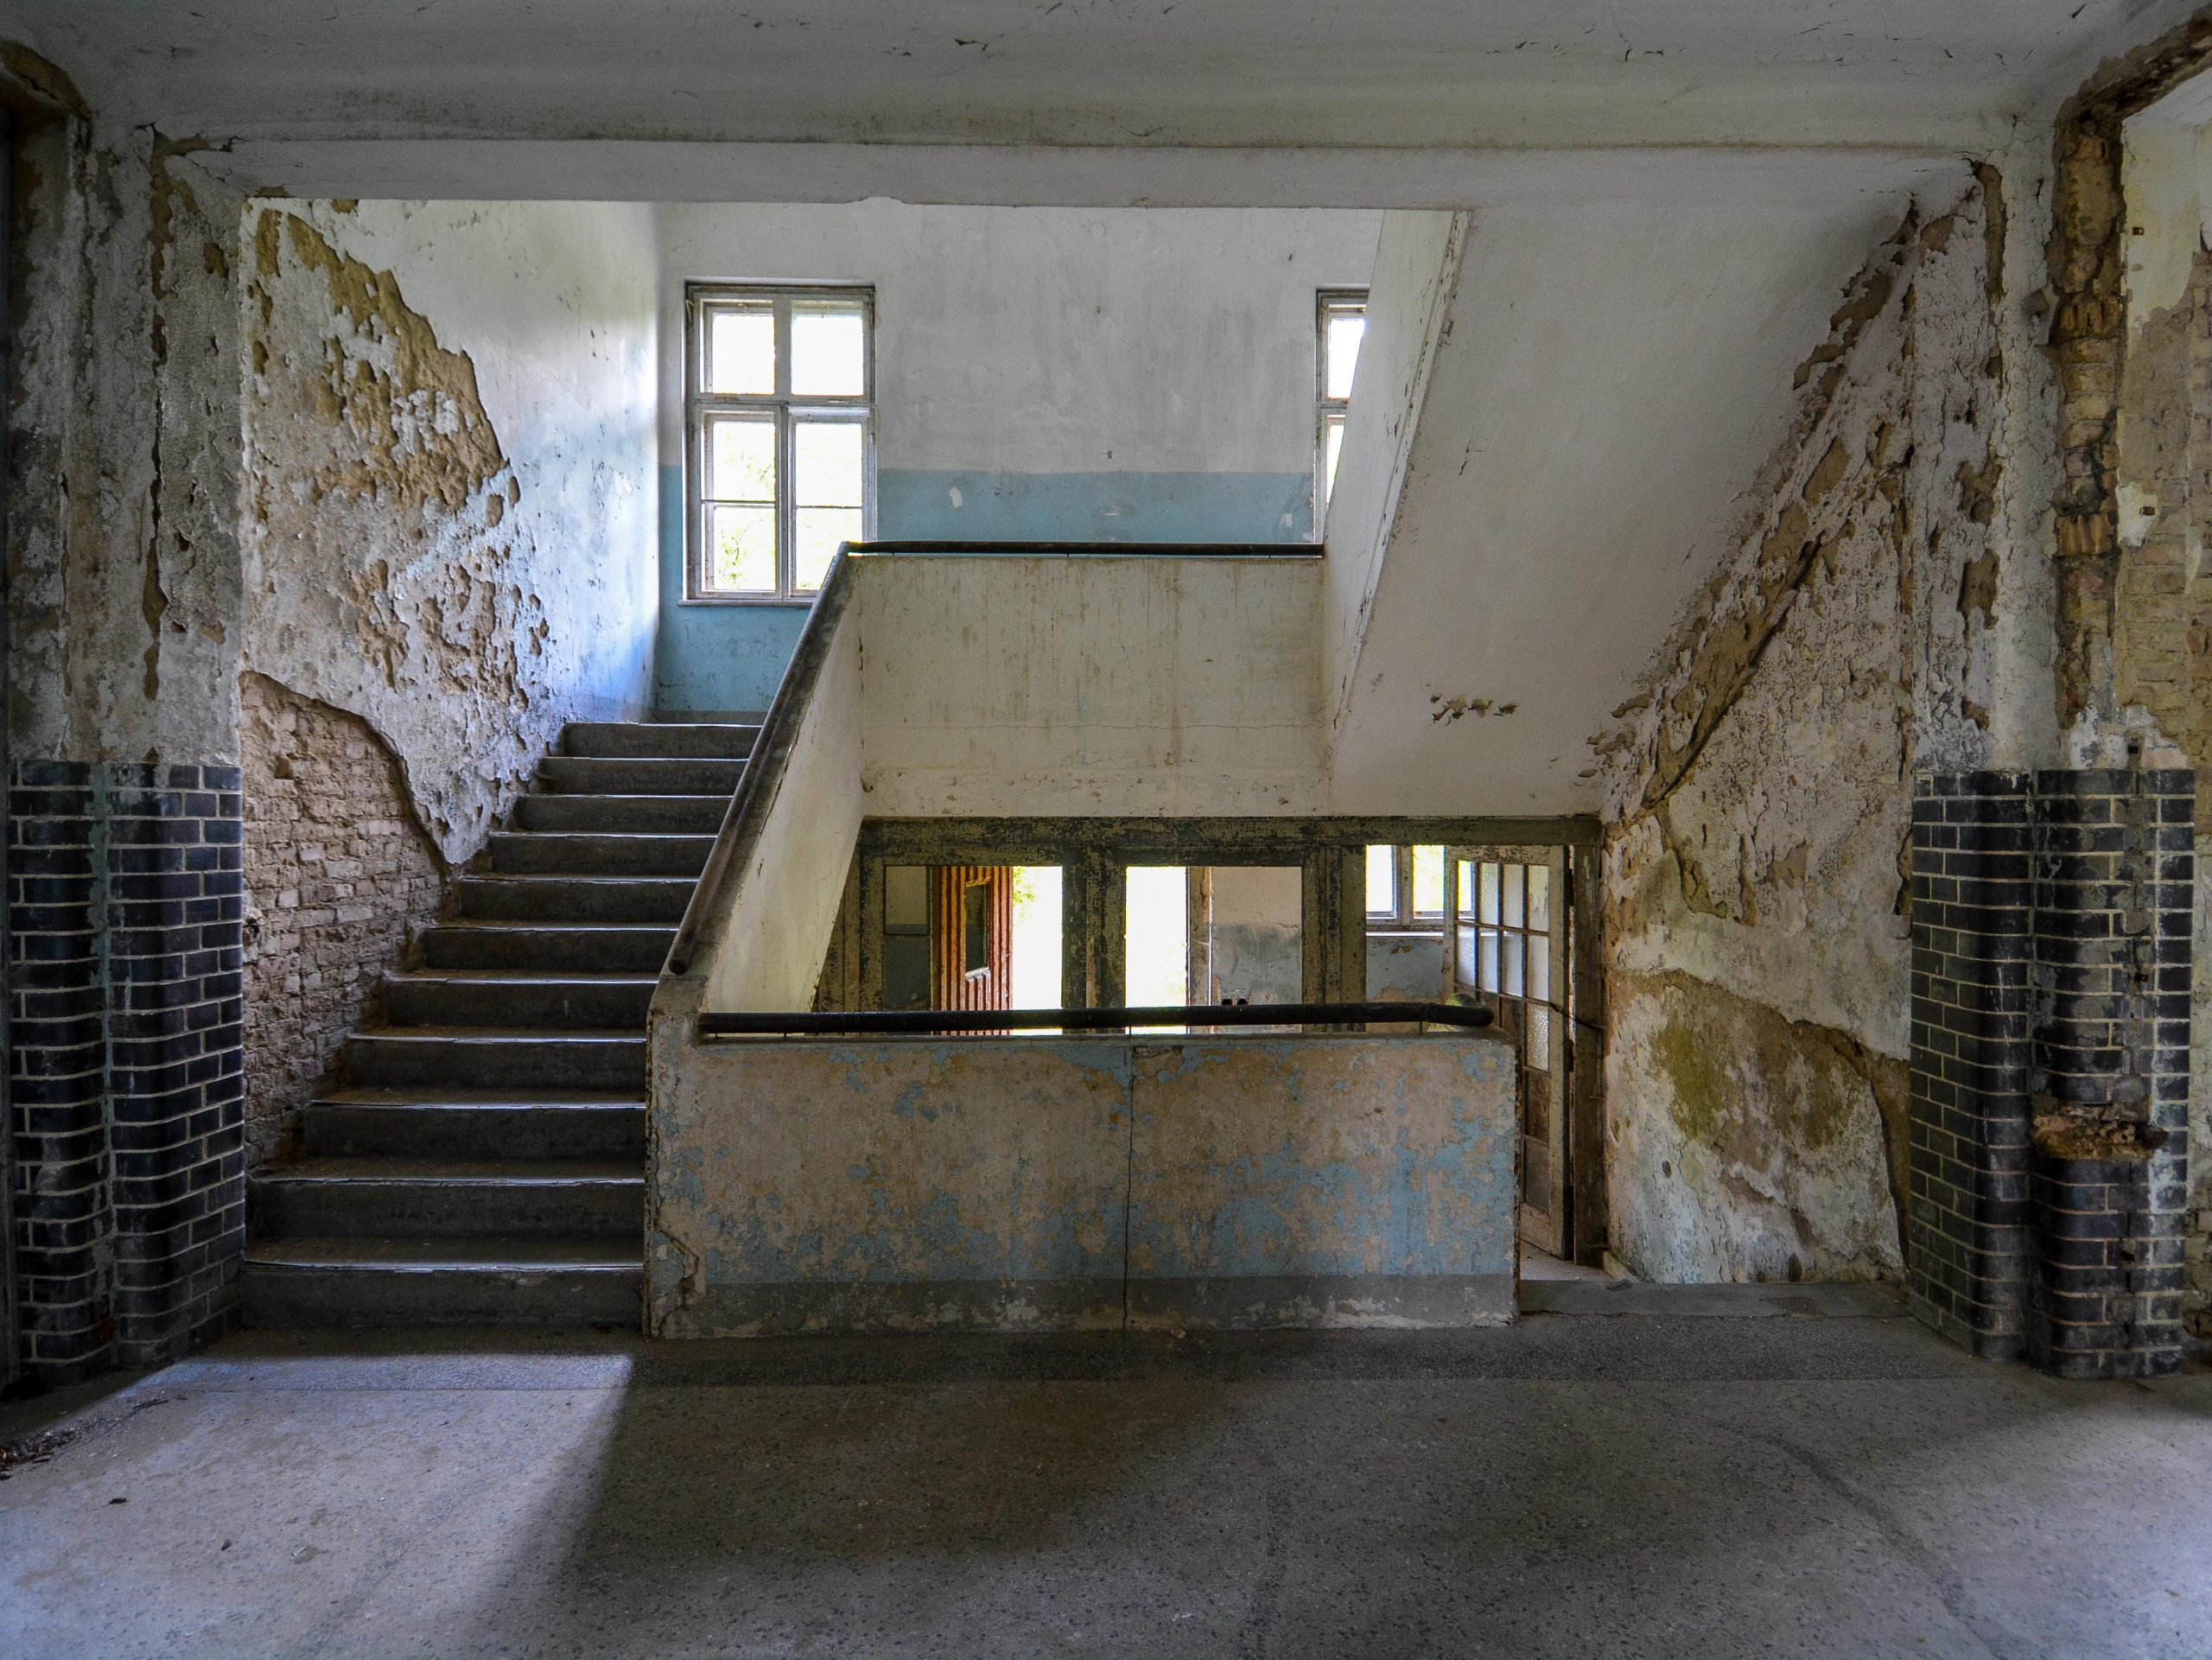 blue staircase tuberkulose heilstaette grabowsee sanatorium hospital oranienburg lost places abandoned urbex brandenburg germany deutschland